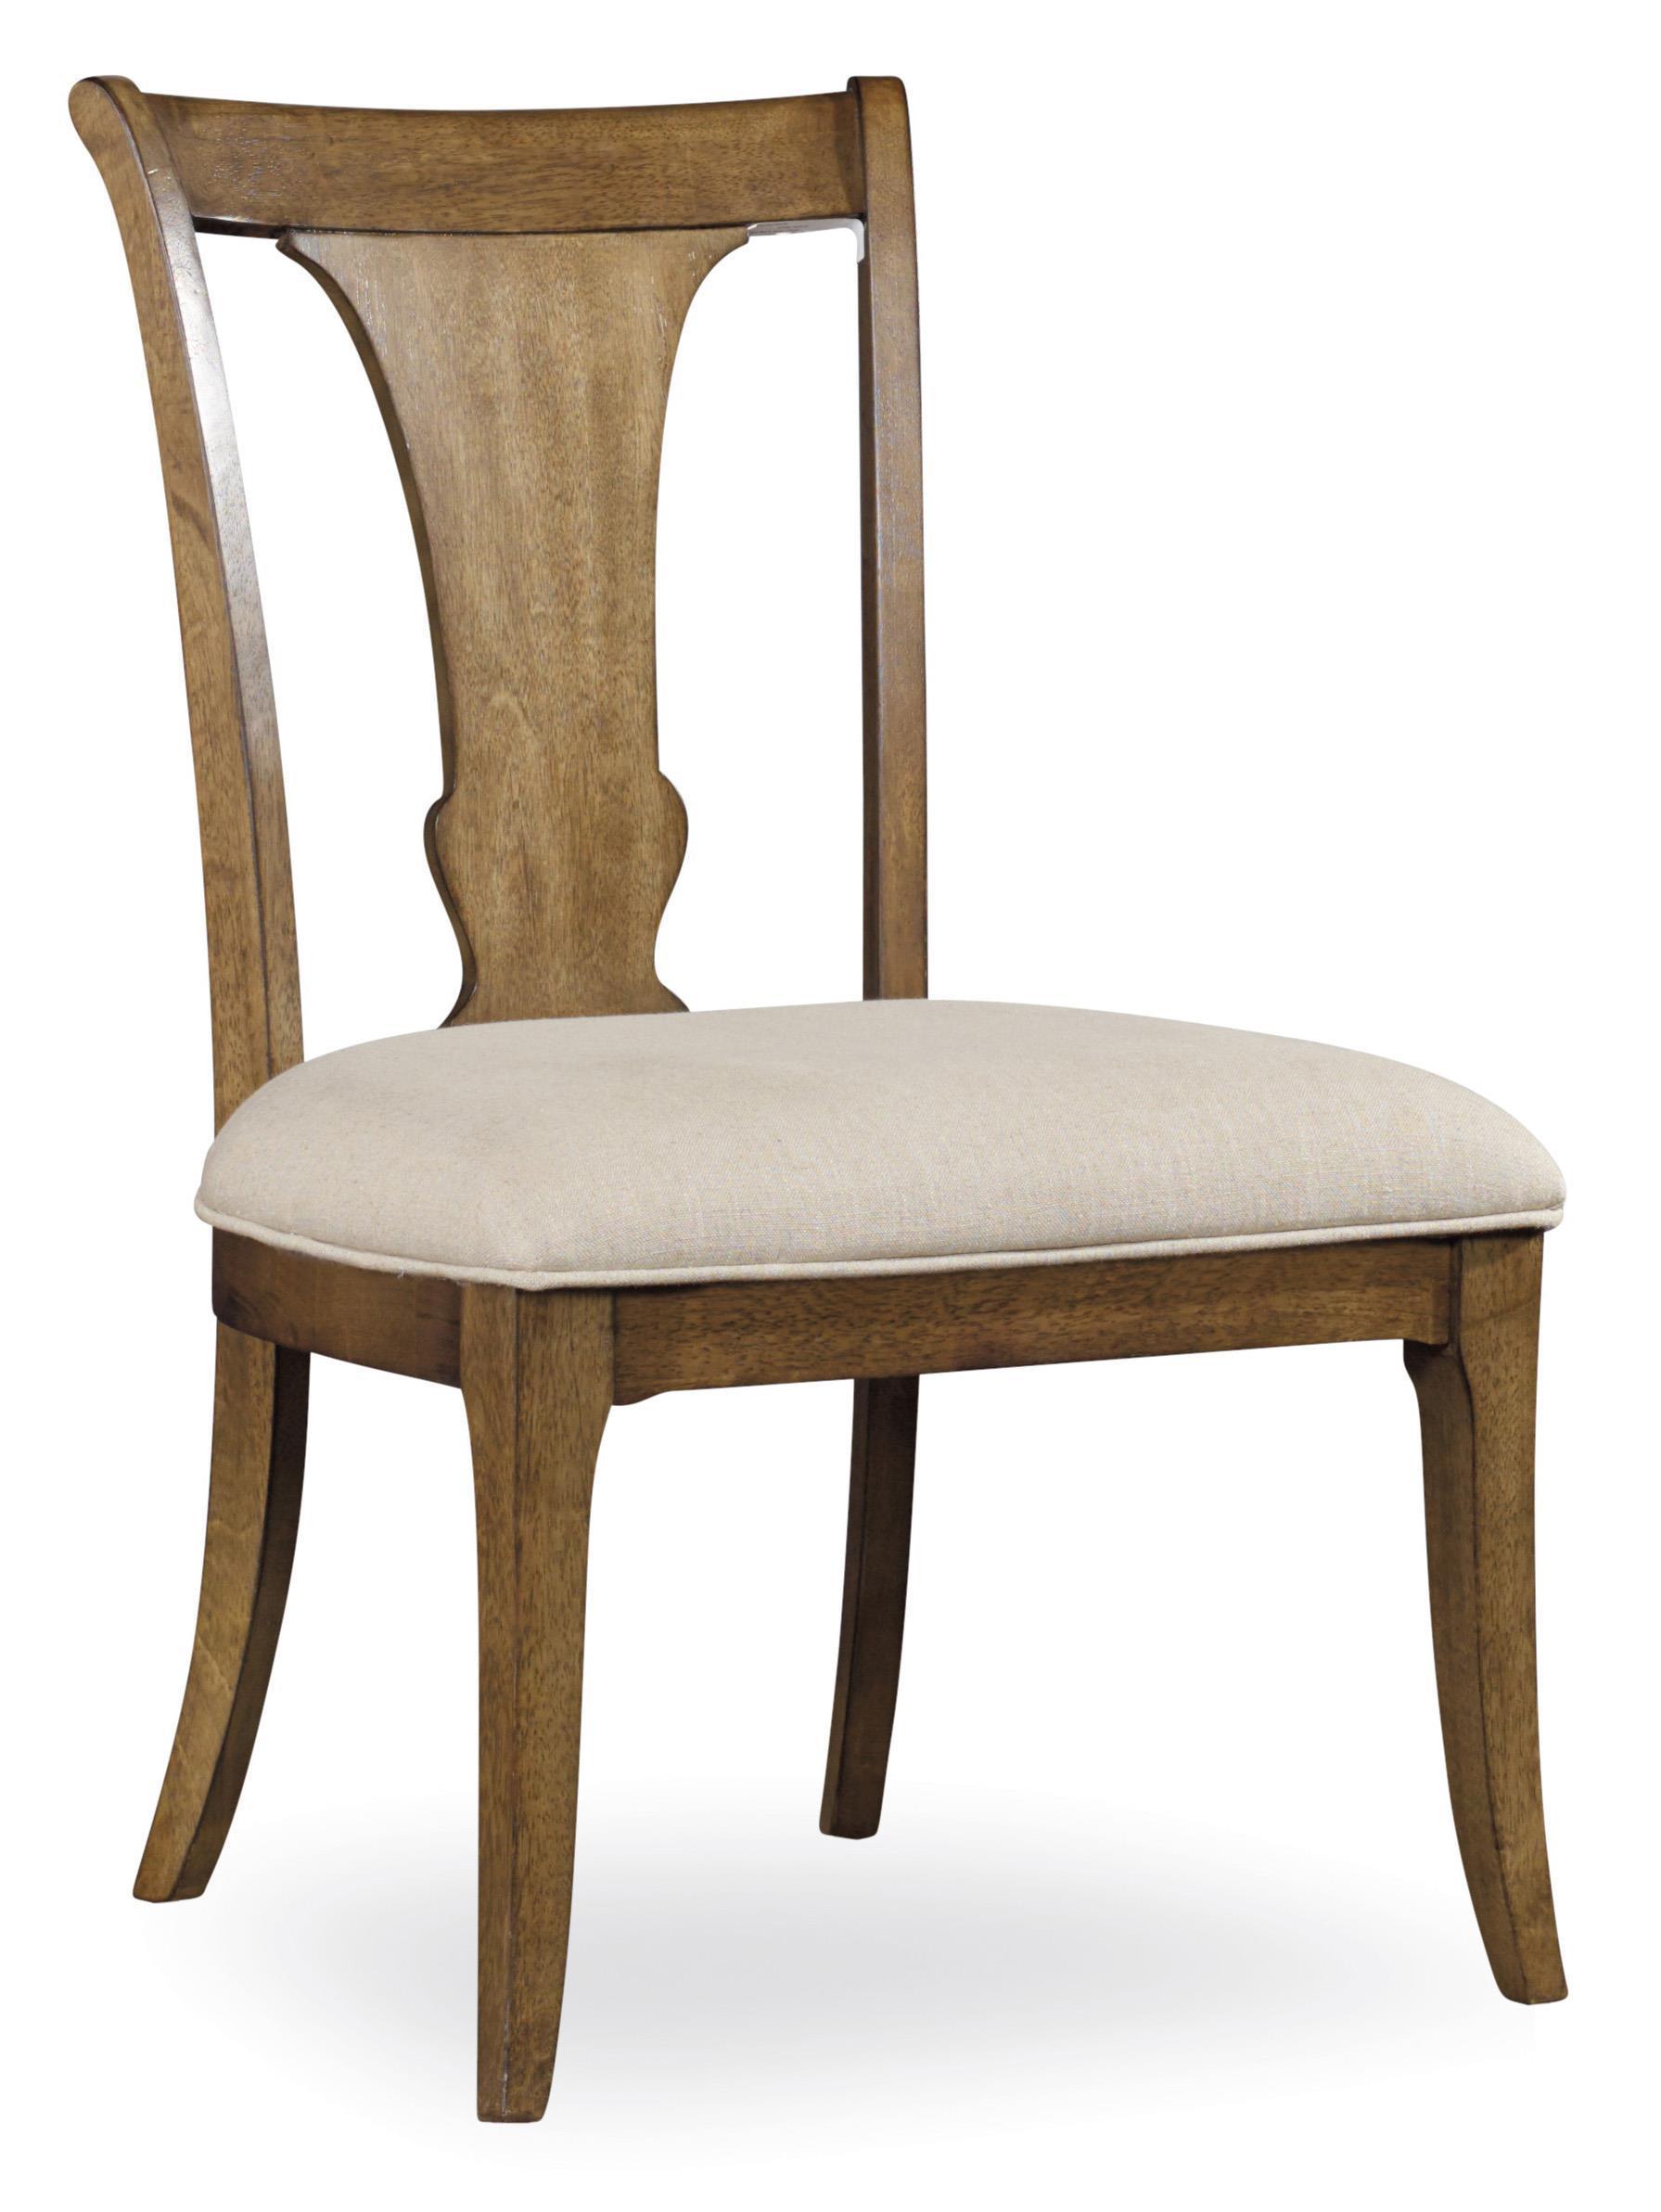 Hooker Furniture Shelbourne Splatback Side Chair - Item Number: 5339-75310